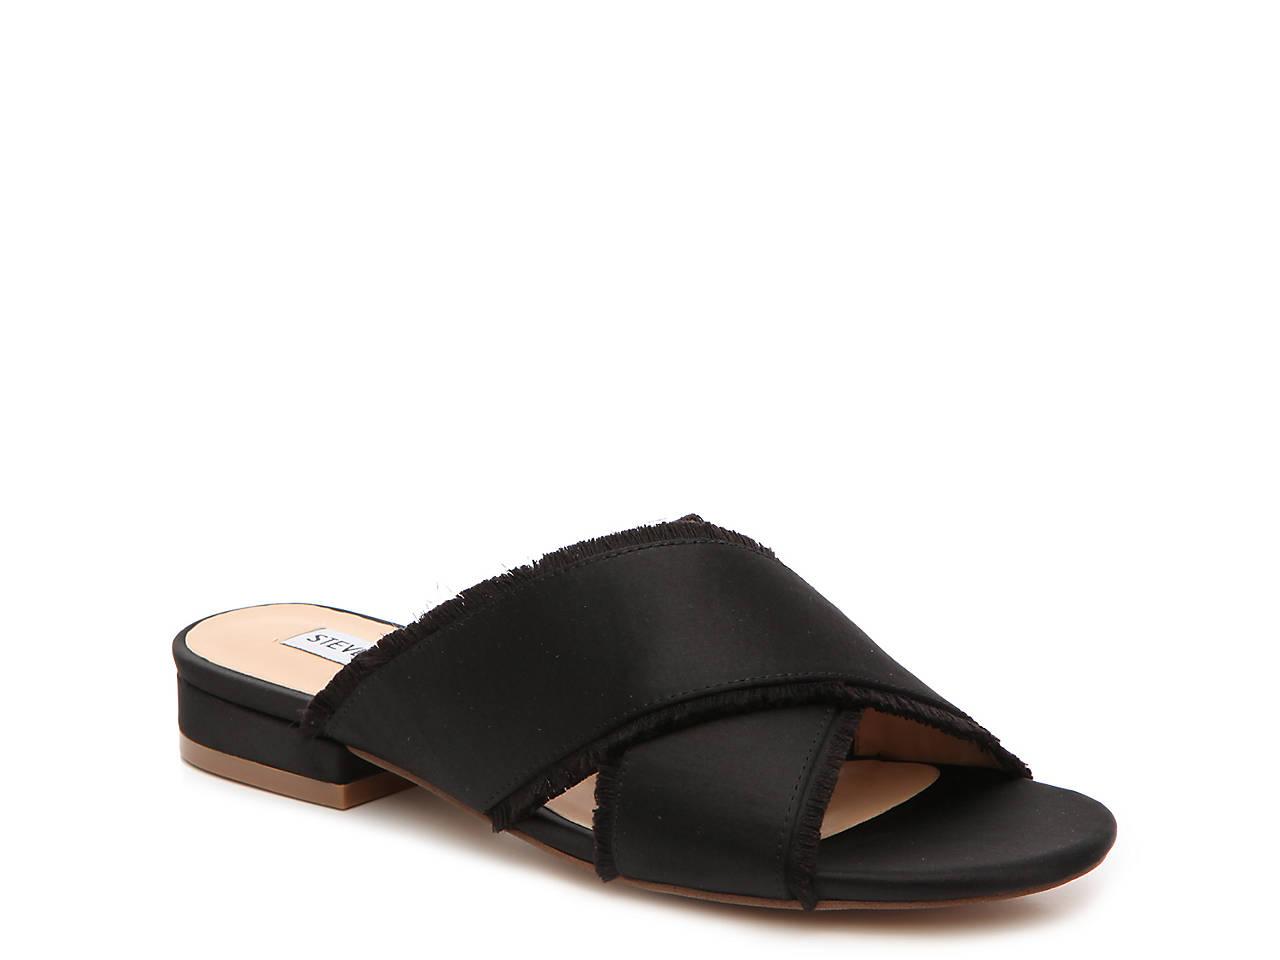 5e1405614a8a Steve Madden Syruss Flat Sandal Women s Shoes